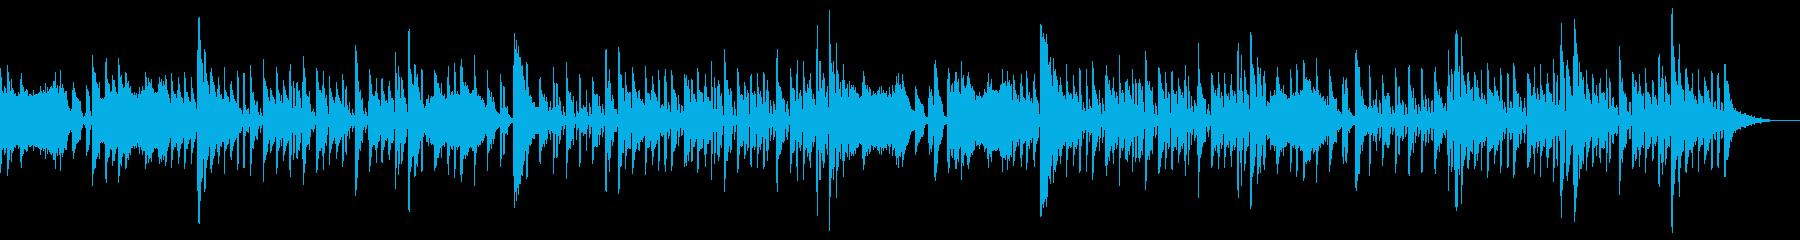 LUNARTICパルステクノポップの再生済みの波形